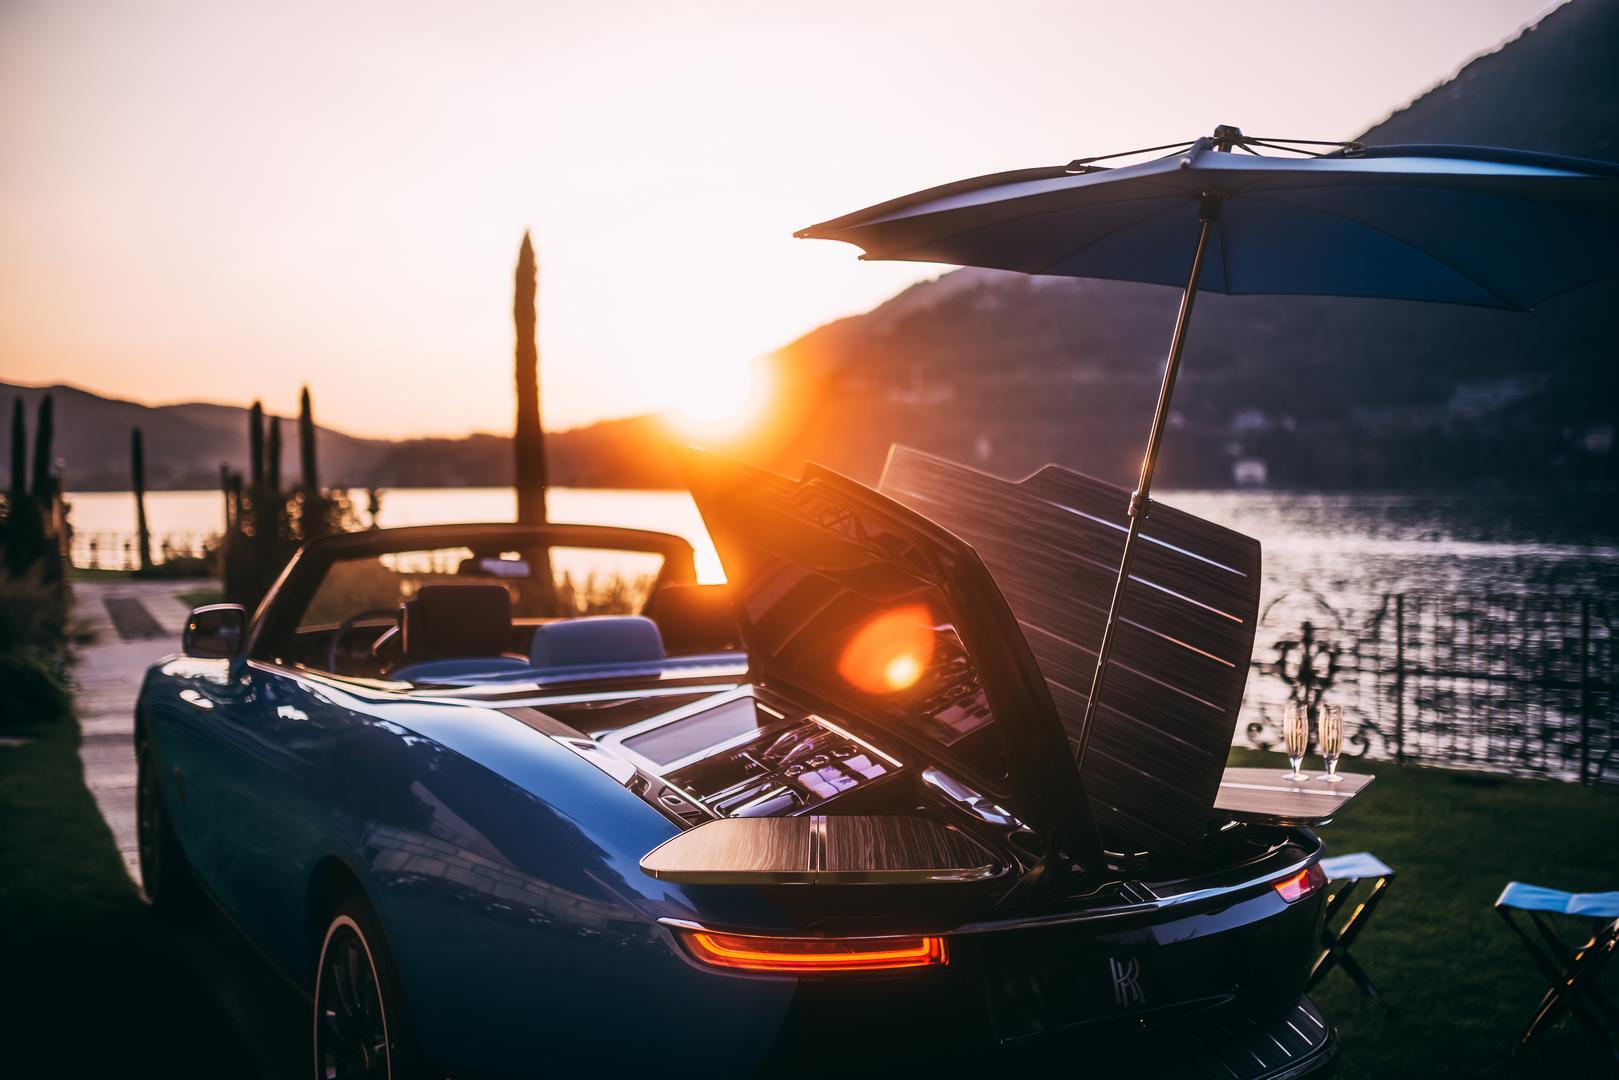 Rolls-Royce Boat Tail rear